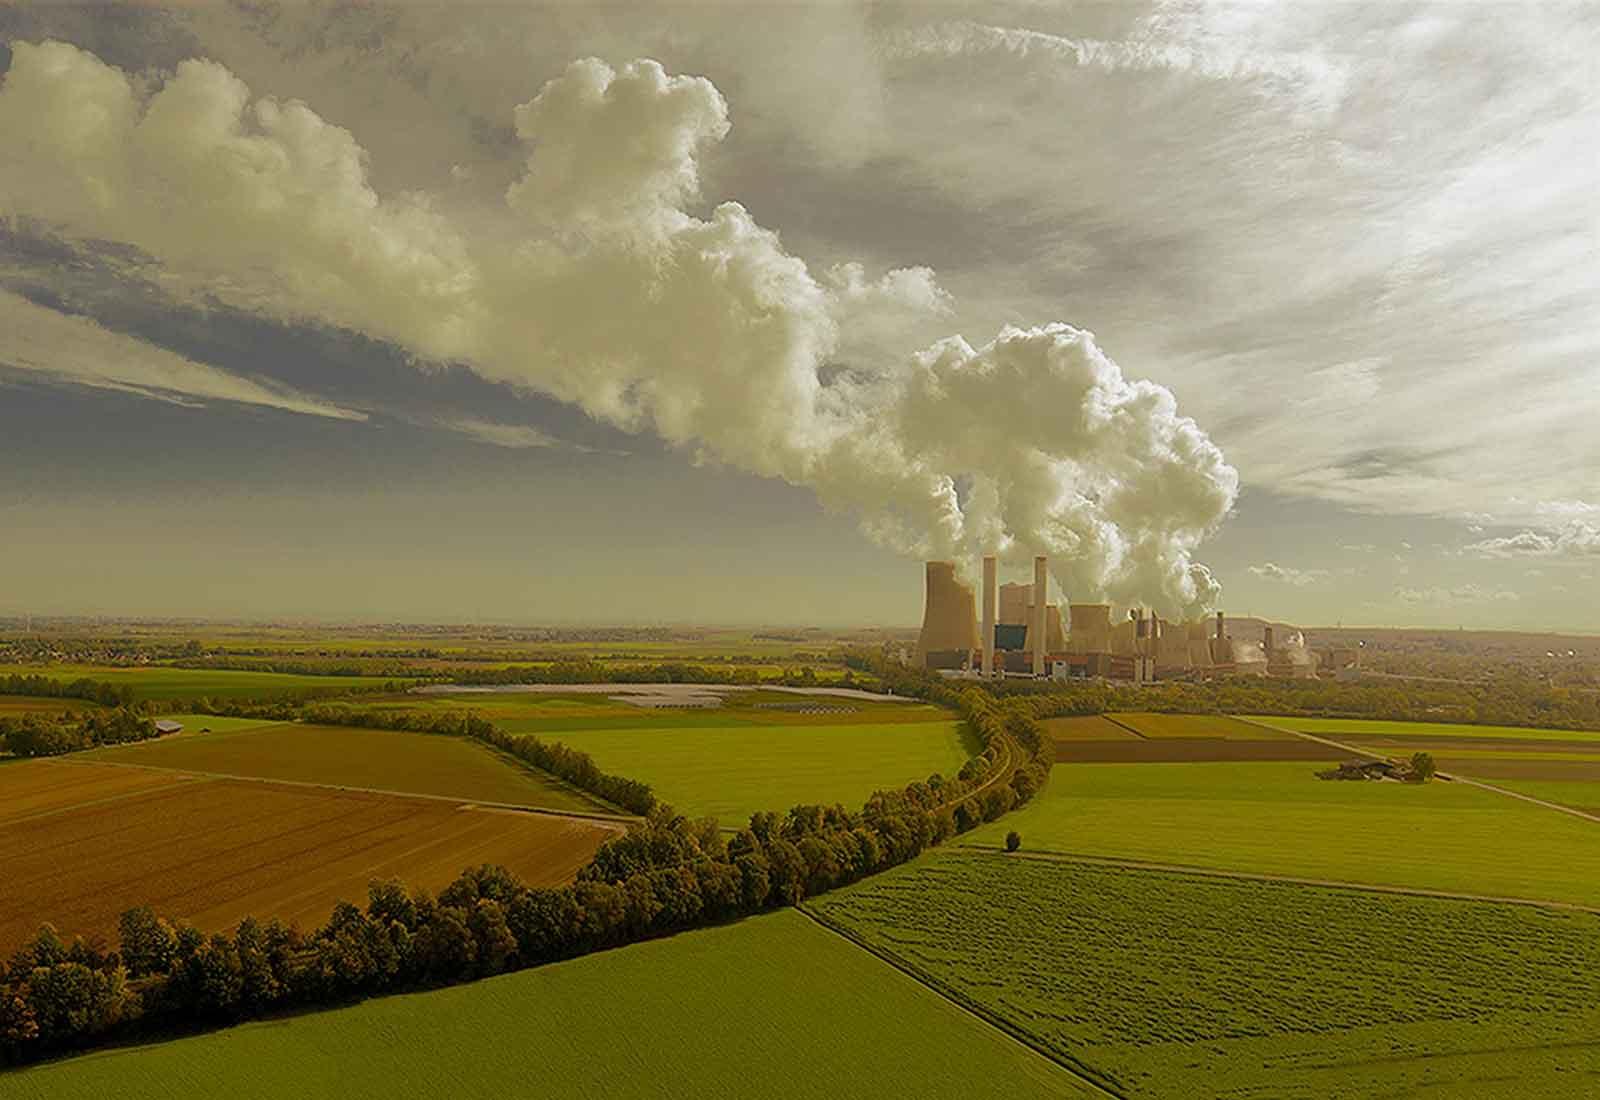 heysky Drohnenfotografie erstellen lassen Braunkohle Kraftwerk